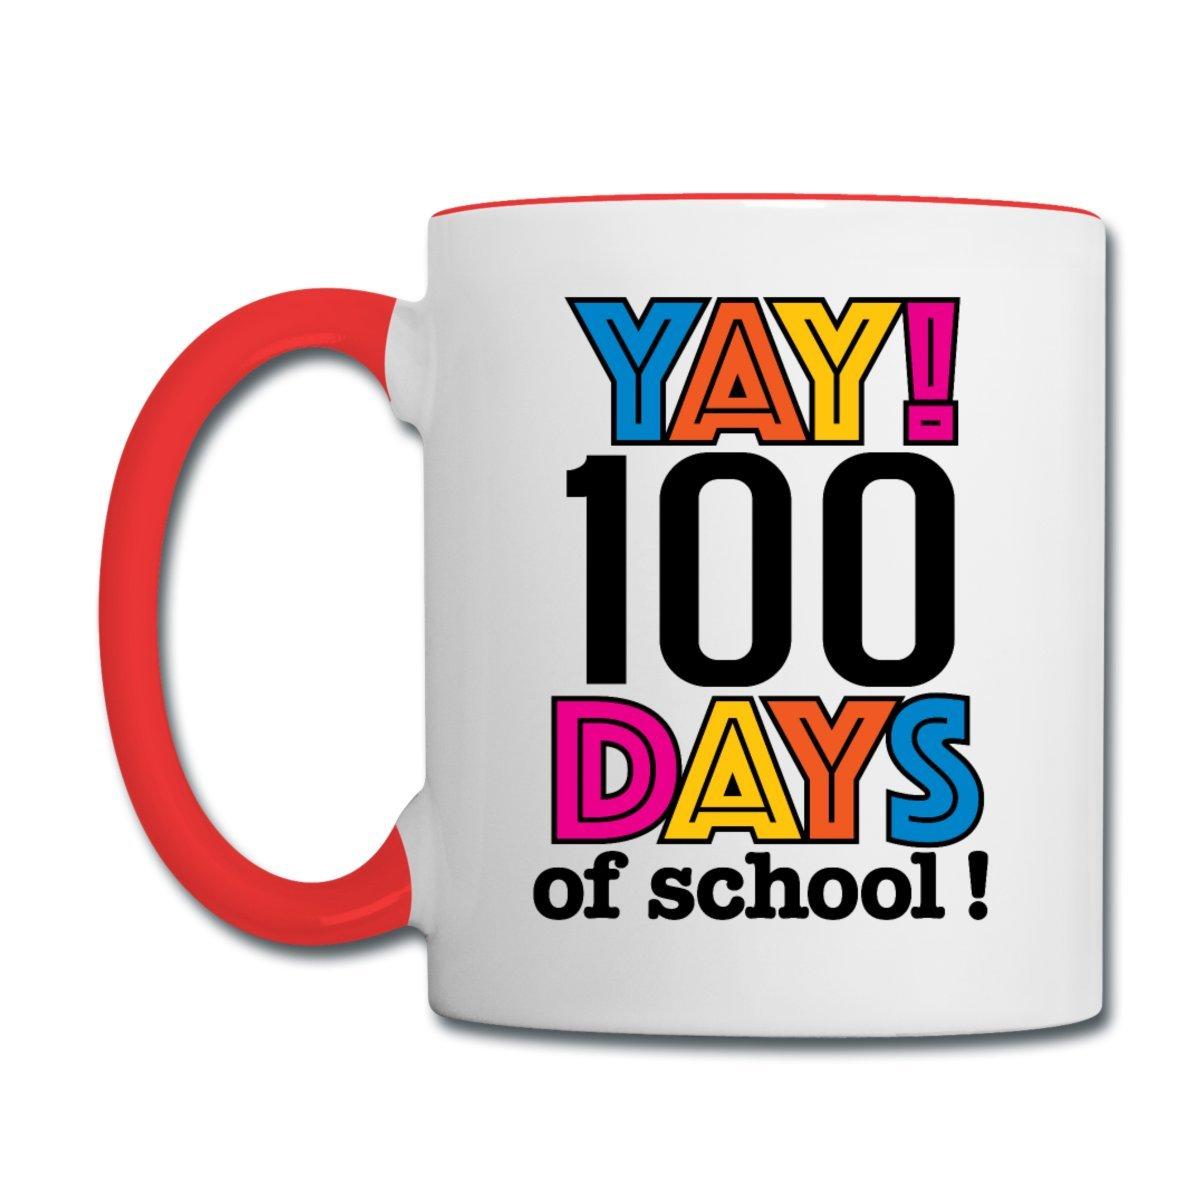 Spreadshirt 100日の学校先生コントラストコーヒーマグ S93439-A100931683-app71-size29 B078H332YZ  ホワイト/レッド